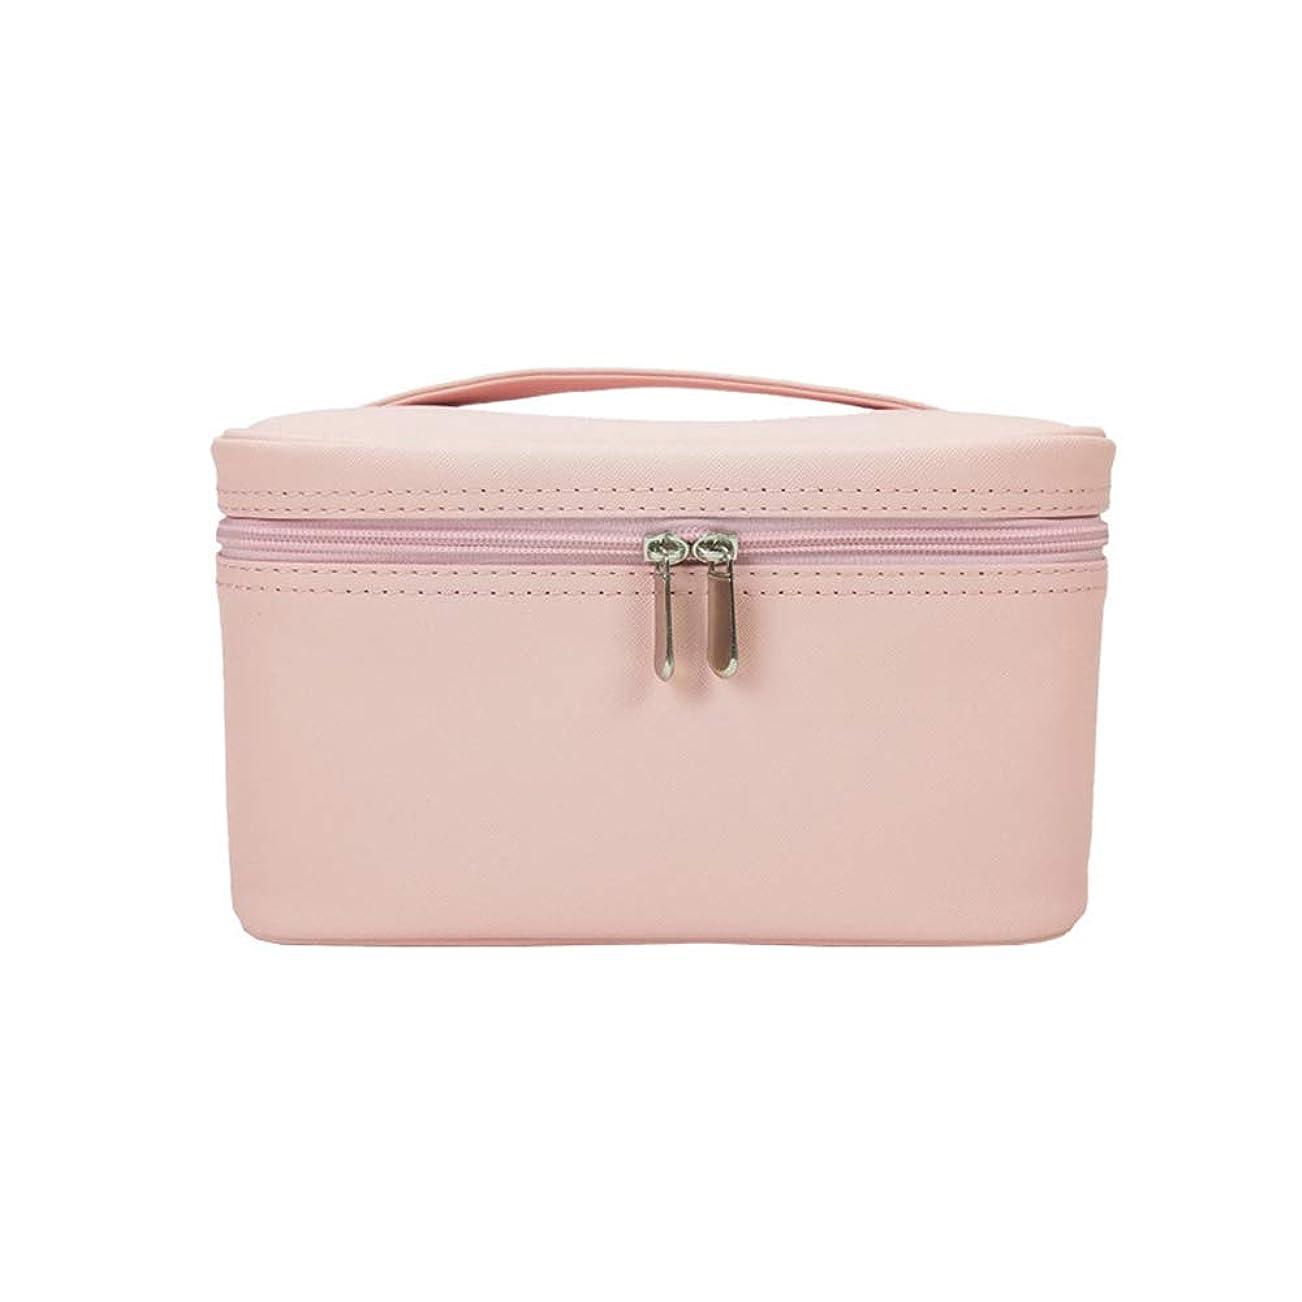 見習いなくなる予備特大スペース収納ビューティーボックス 女の子の女性旅行のための新しく、実用的な携帯用化粧箱およびロックおよび皿が付いている毎日の貯蔵 化粧品化粧台 (色 : ピンク)